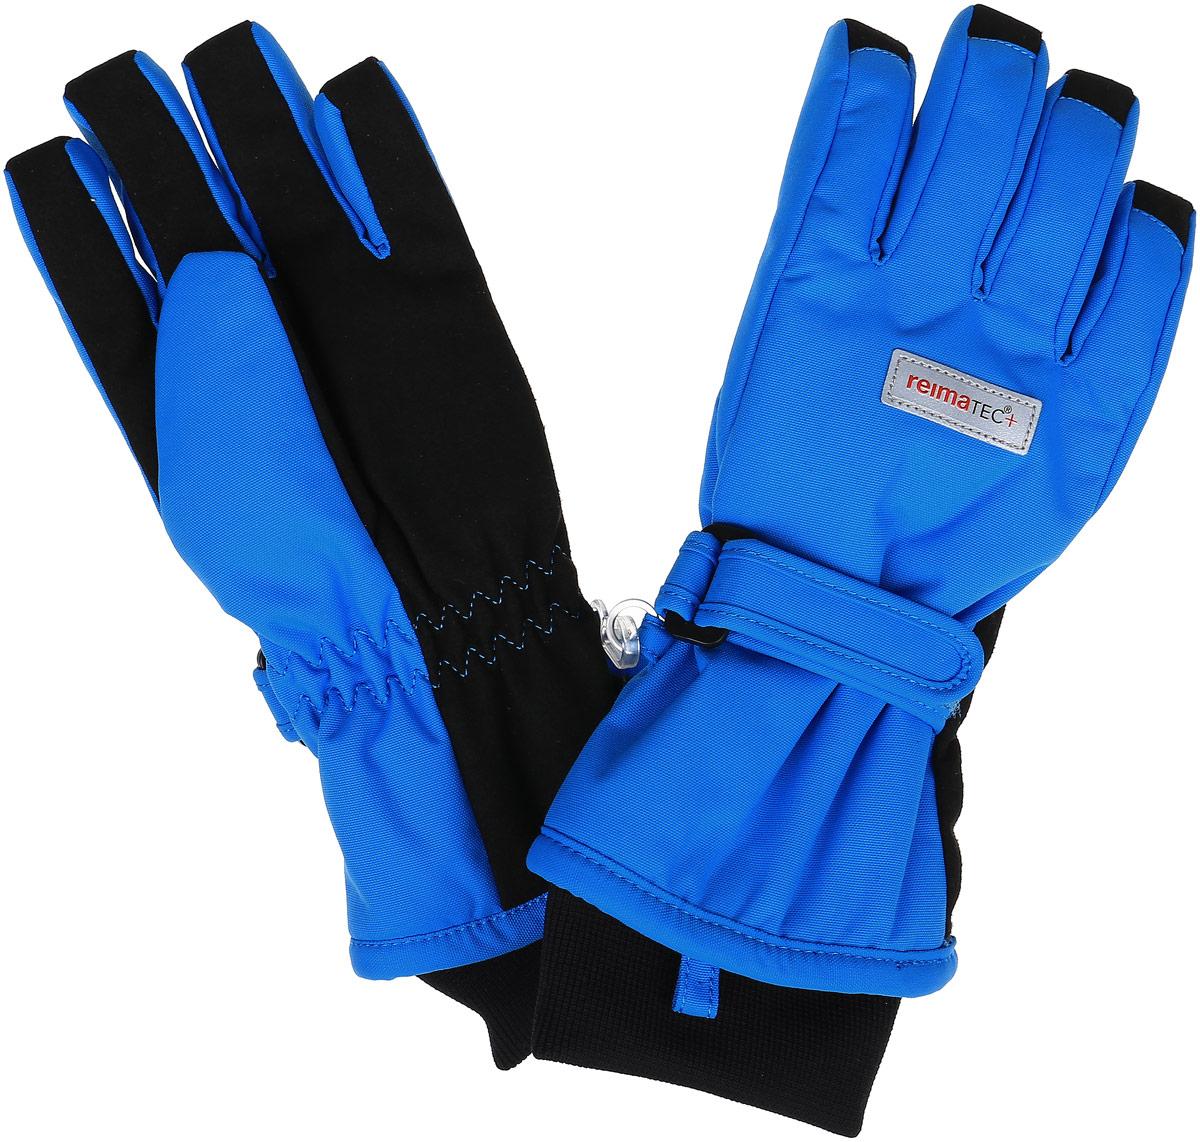 Перчатки детские Reima Reimatec+ Tartu, цвет: голубой. 527251-6560. Размер 6527251-6560Детские перчатки Reima Reimatec+ Tartu станут идеальным вариантом для холодной зимней погоды. На подкладке используется высококачественный полиэстер, который хорошо удерживает тепло.Для большего удобства на запястьях перчатки дополнены хлястиками на липучках с внешней стороны, а на ладошках, кончиках пальцев и с внутренней стороны большого пальца - усиленными водонепроницаемивставками Hipora. Теплая флисовая подкладка дарит коже ощущение комфорта и уюта. С внешней стороны перчатки оформлены светоотражающими нашивками с логотипом бренда. Высокая степень утепления. Перчатки станут идеальным вариантом для прохладной погоды, в них ребенку будет тепло и комфортно. Водонепроницаемость: Waterpillar over 10 000 mm